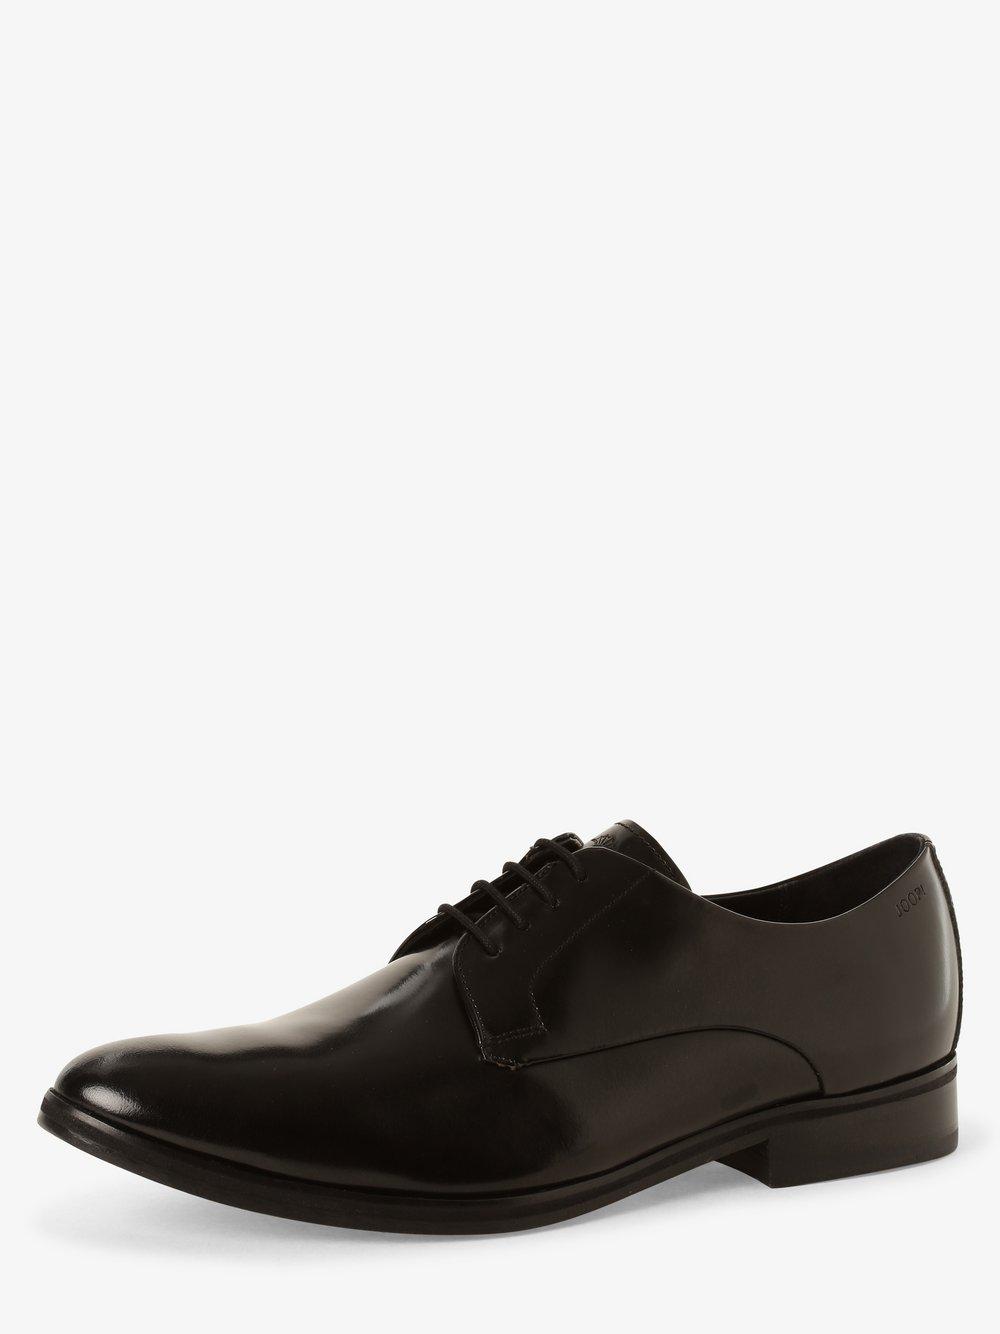 Joop - Męskie buty sznurowane ze skóry – Daniel, czarny